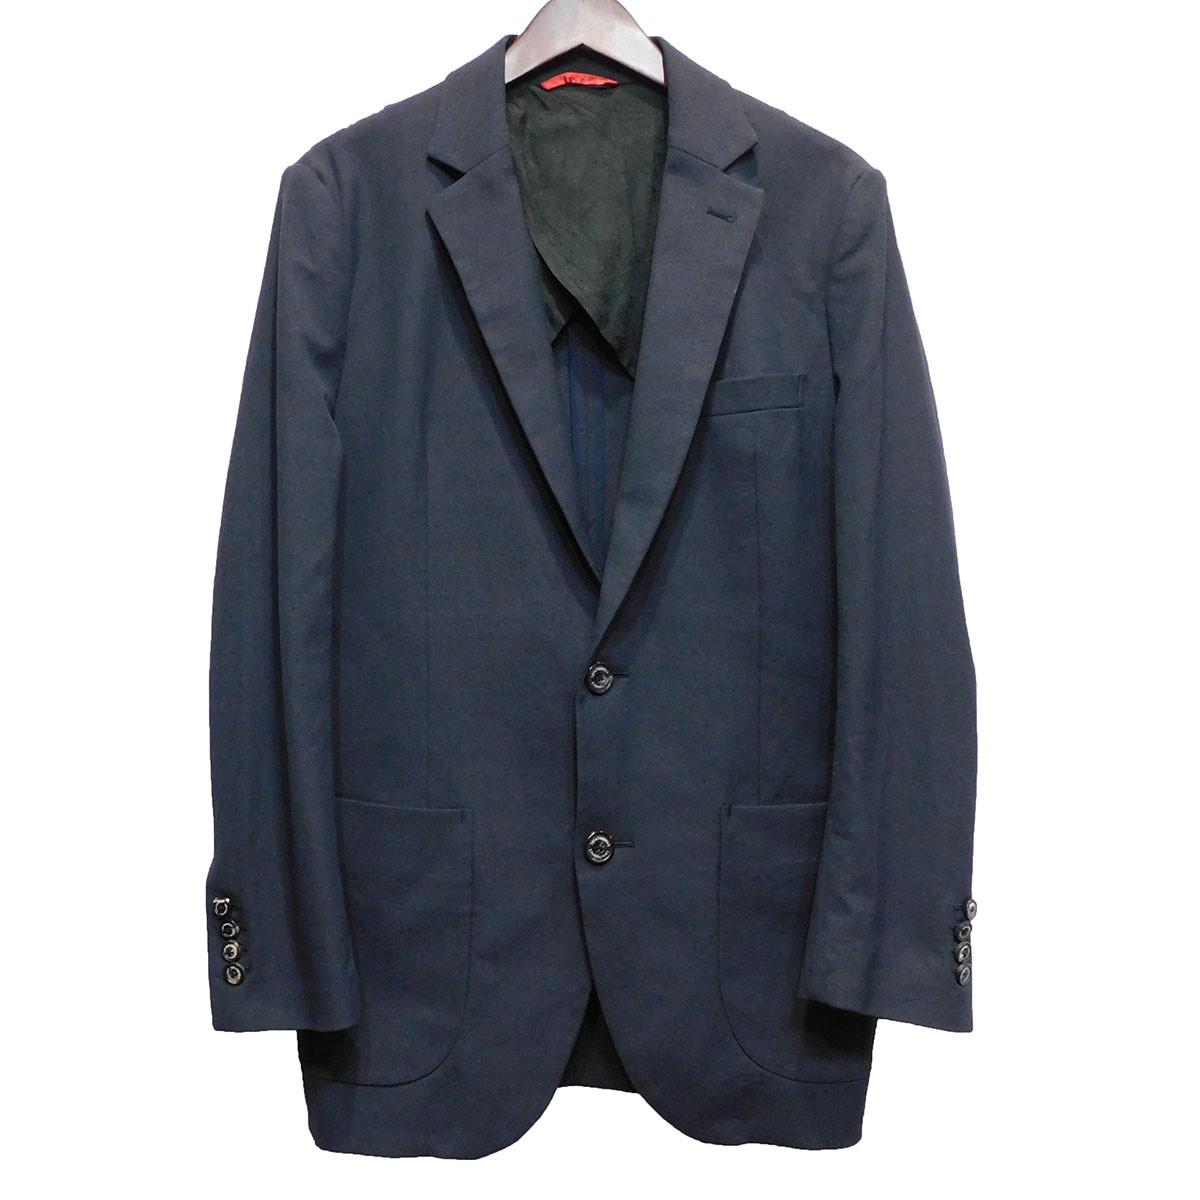 【中古】1piu1uguale3 「TRAVEL JACKET」 リネン混ジャケット ネイビー サイズ:5 【170420】(ウノピゥウノウグァーレトレ)